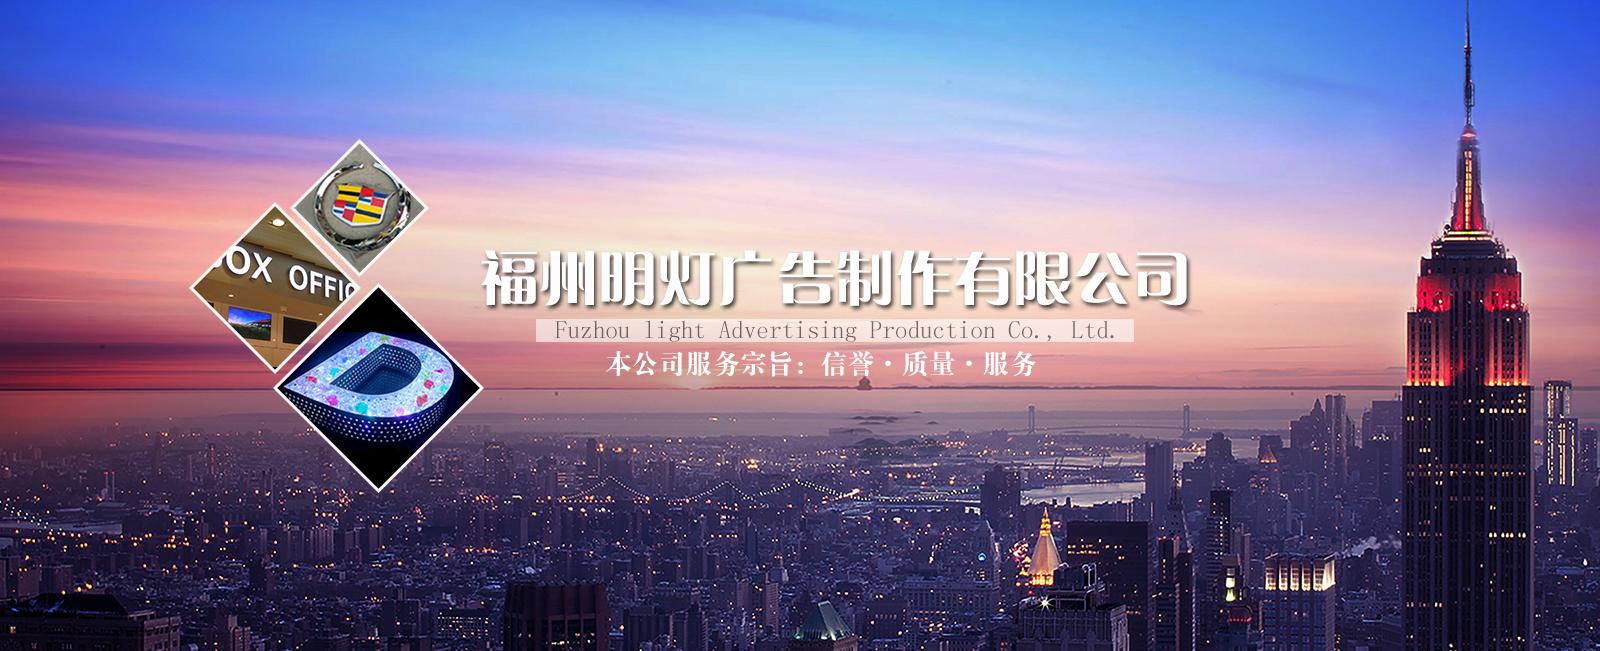 福州明燈廣告介紹